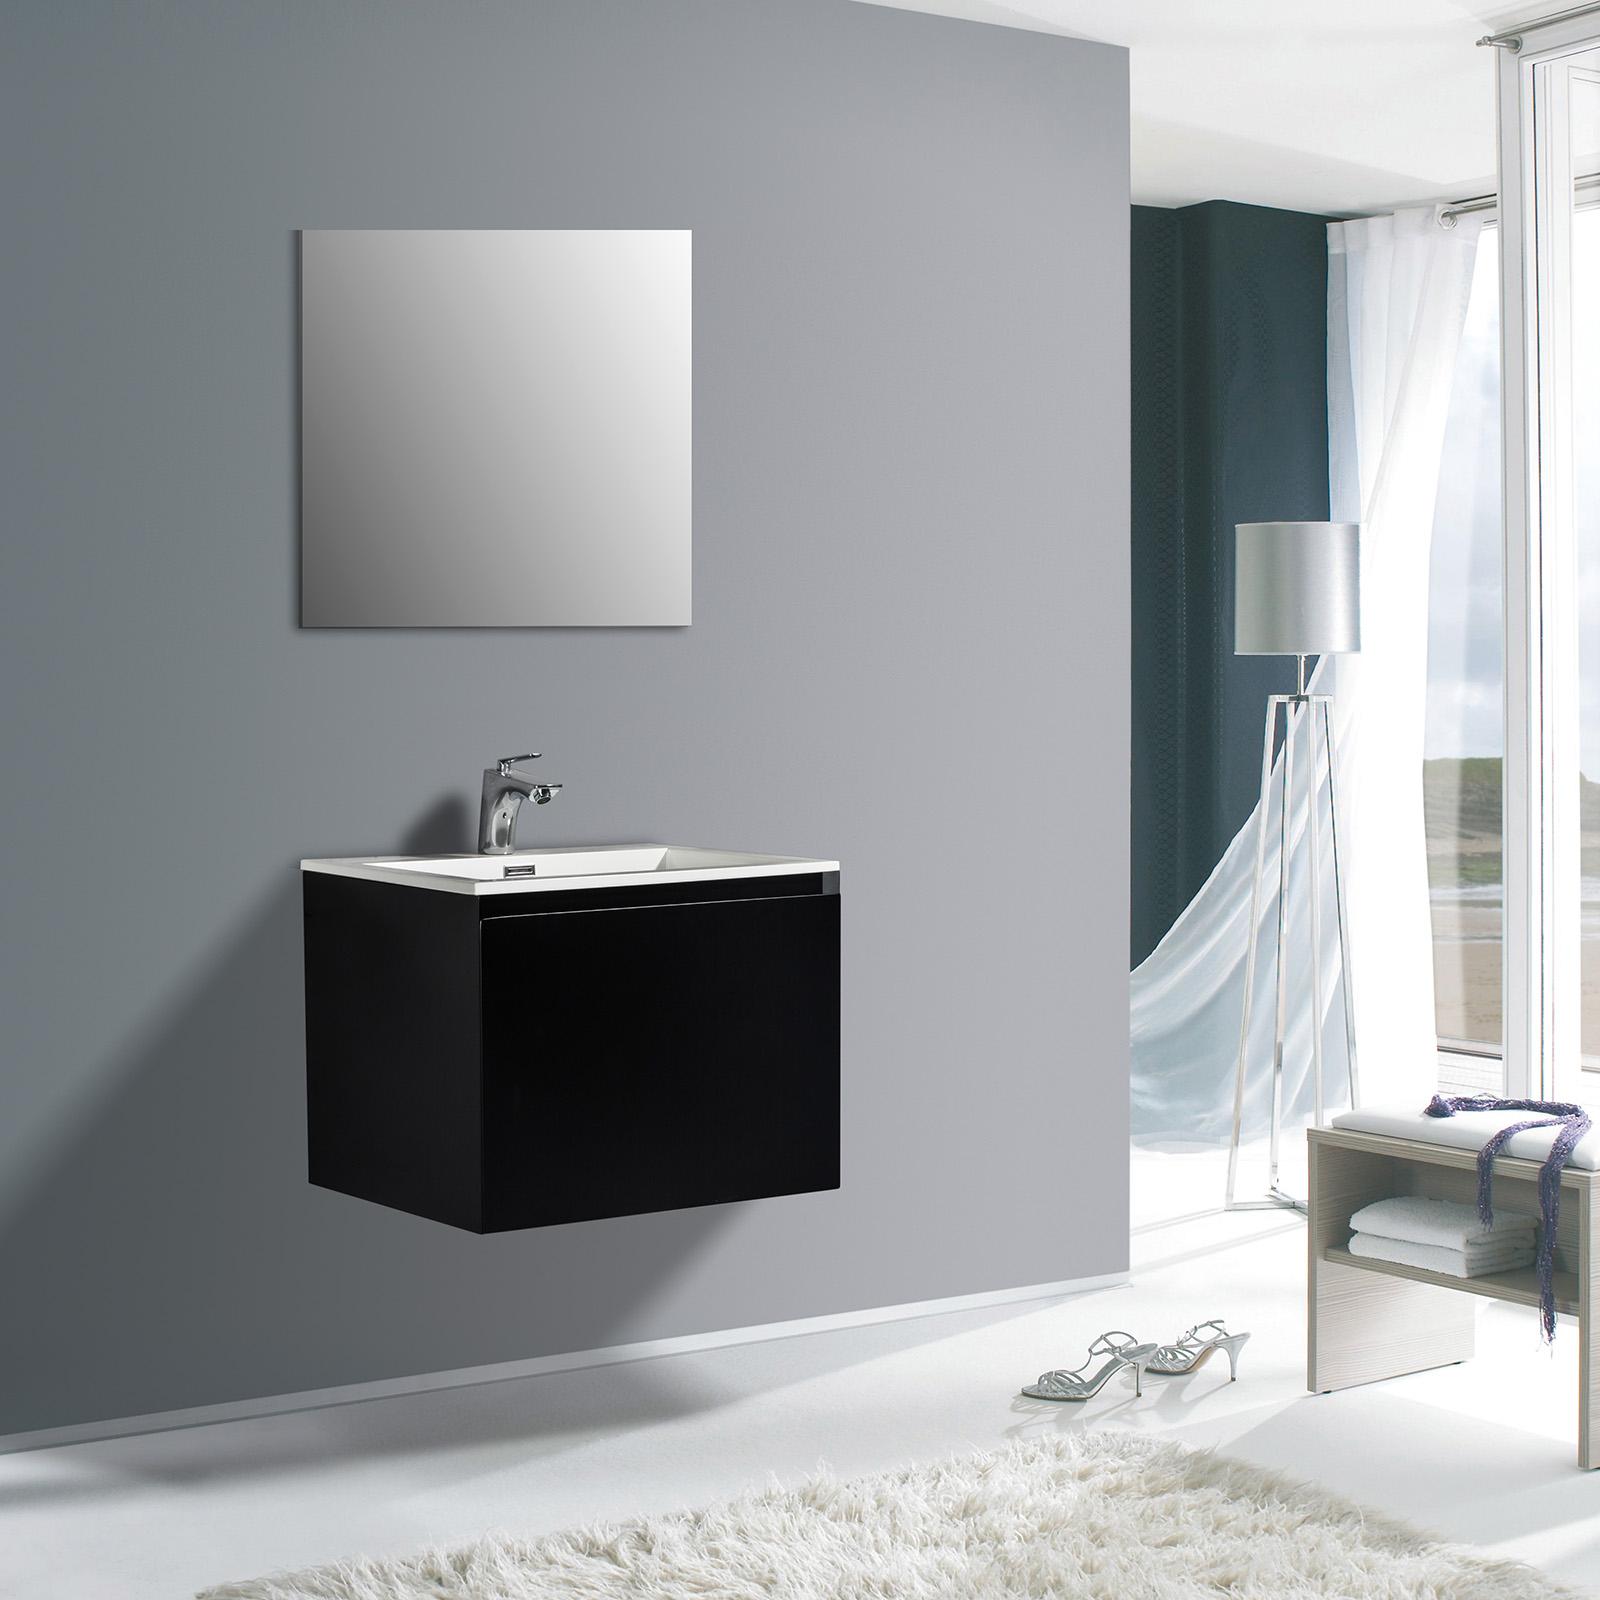 Badmöbel-Set Luna 600 - in verschiedenen Farben - optional mit Badschrank und Spiegel